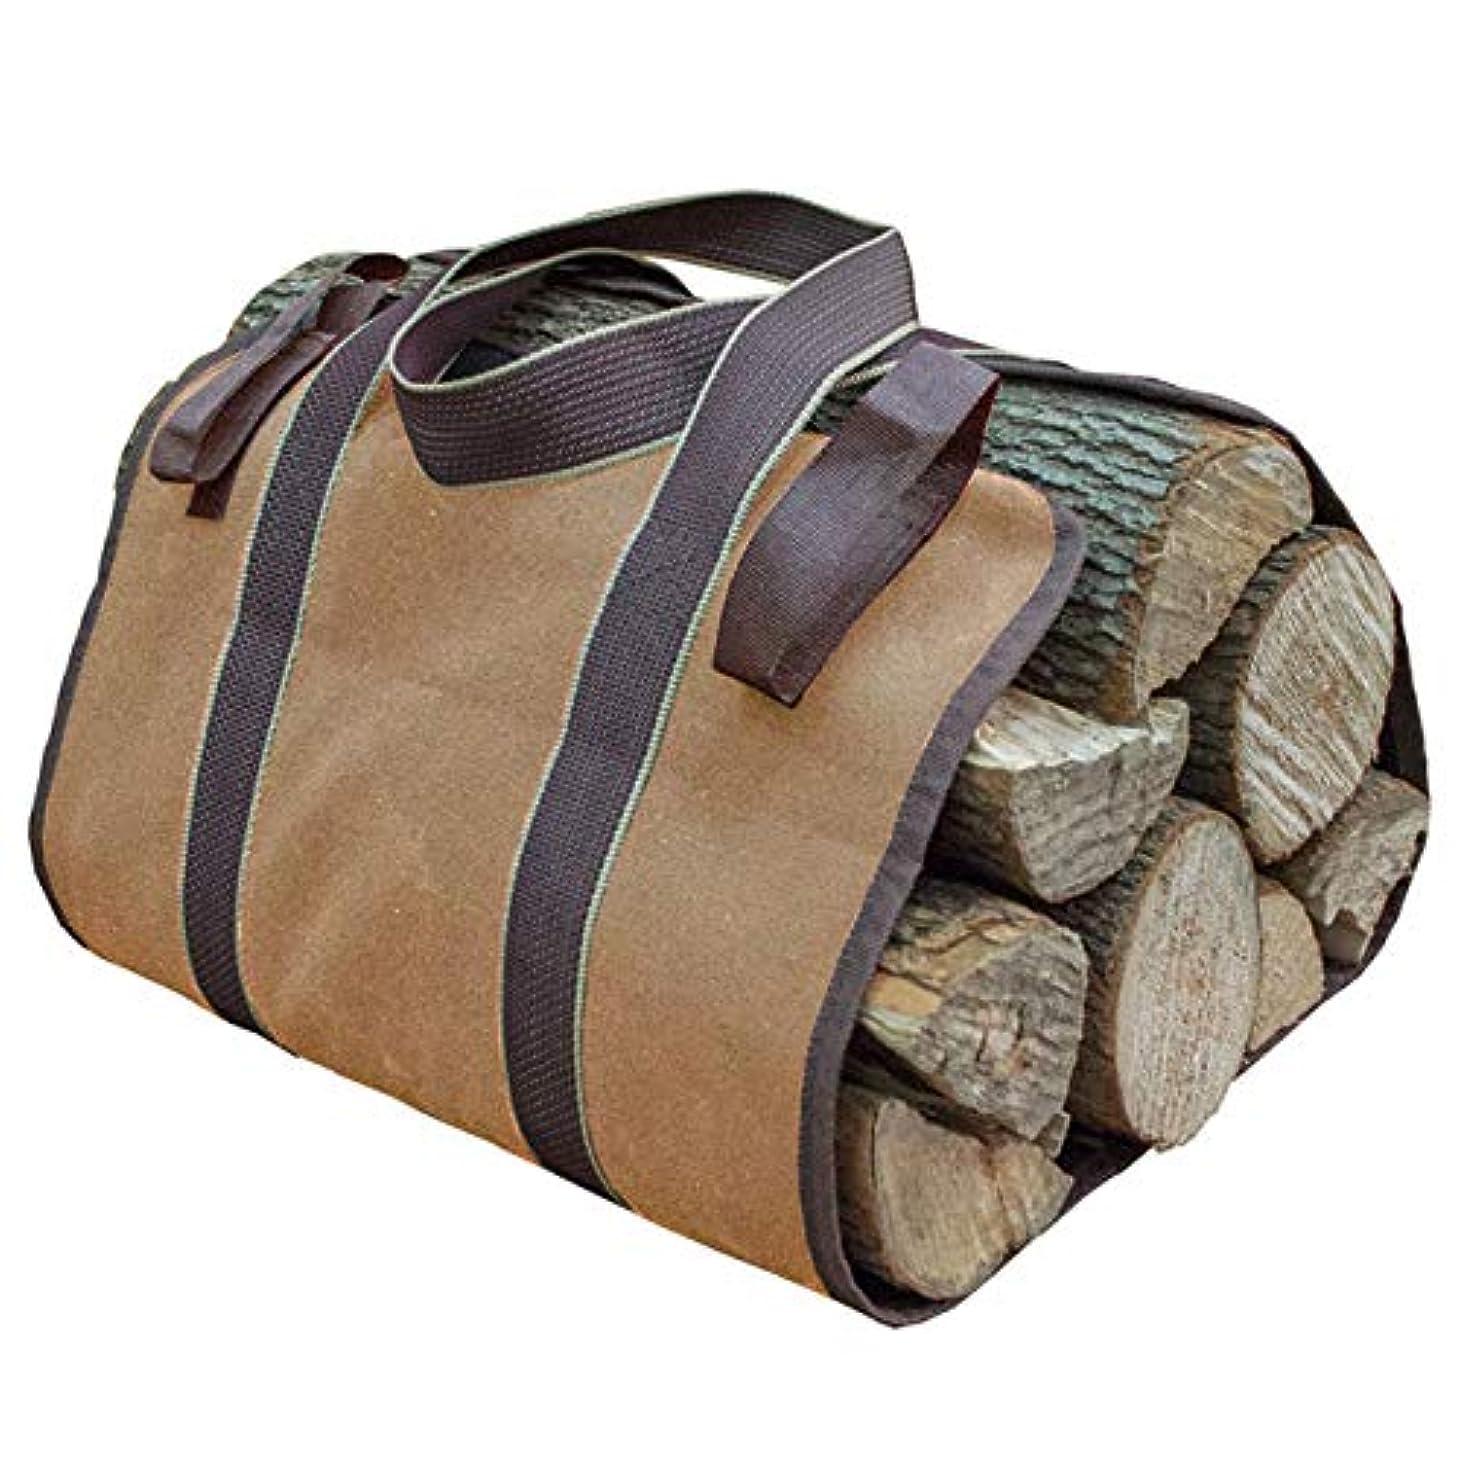 露骨な信じるとにかくGoodsLand 【 折りたたみ コンパクト 】 薪 トートバッグ ログ キャリー ハンド バッグ 大容量 ケース まき 持ち運び用